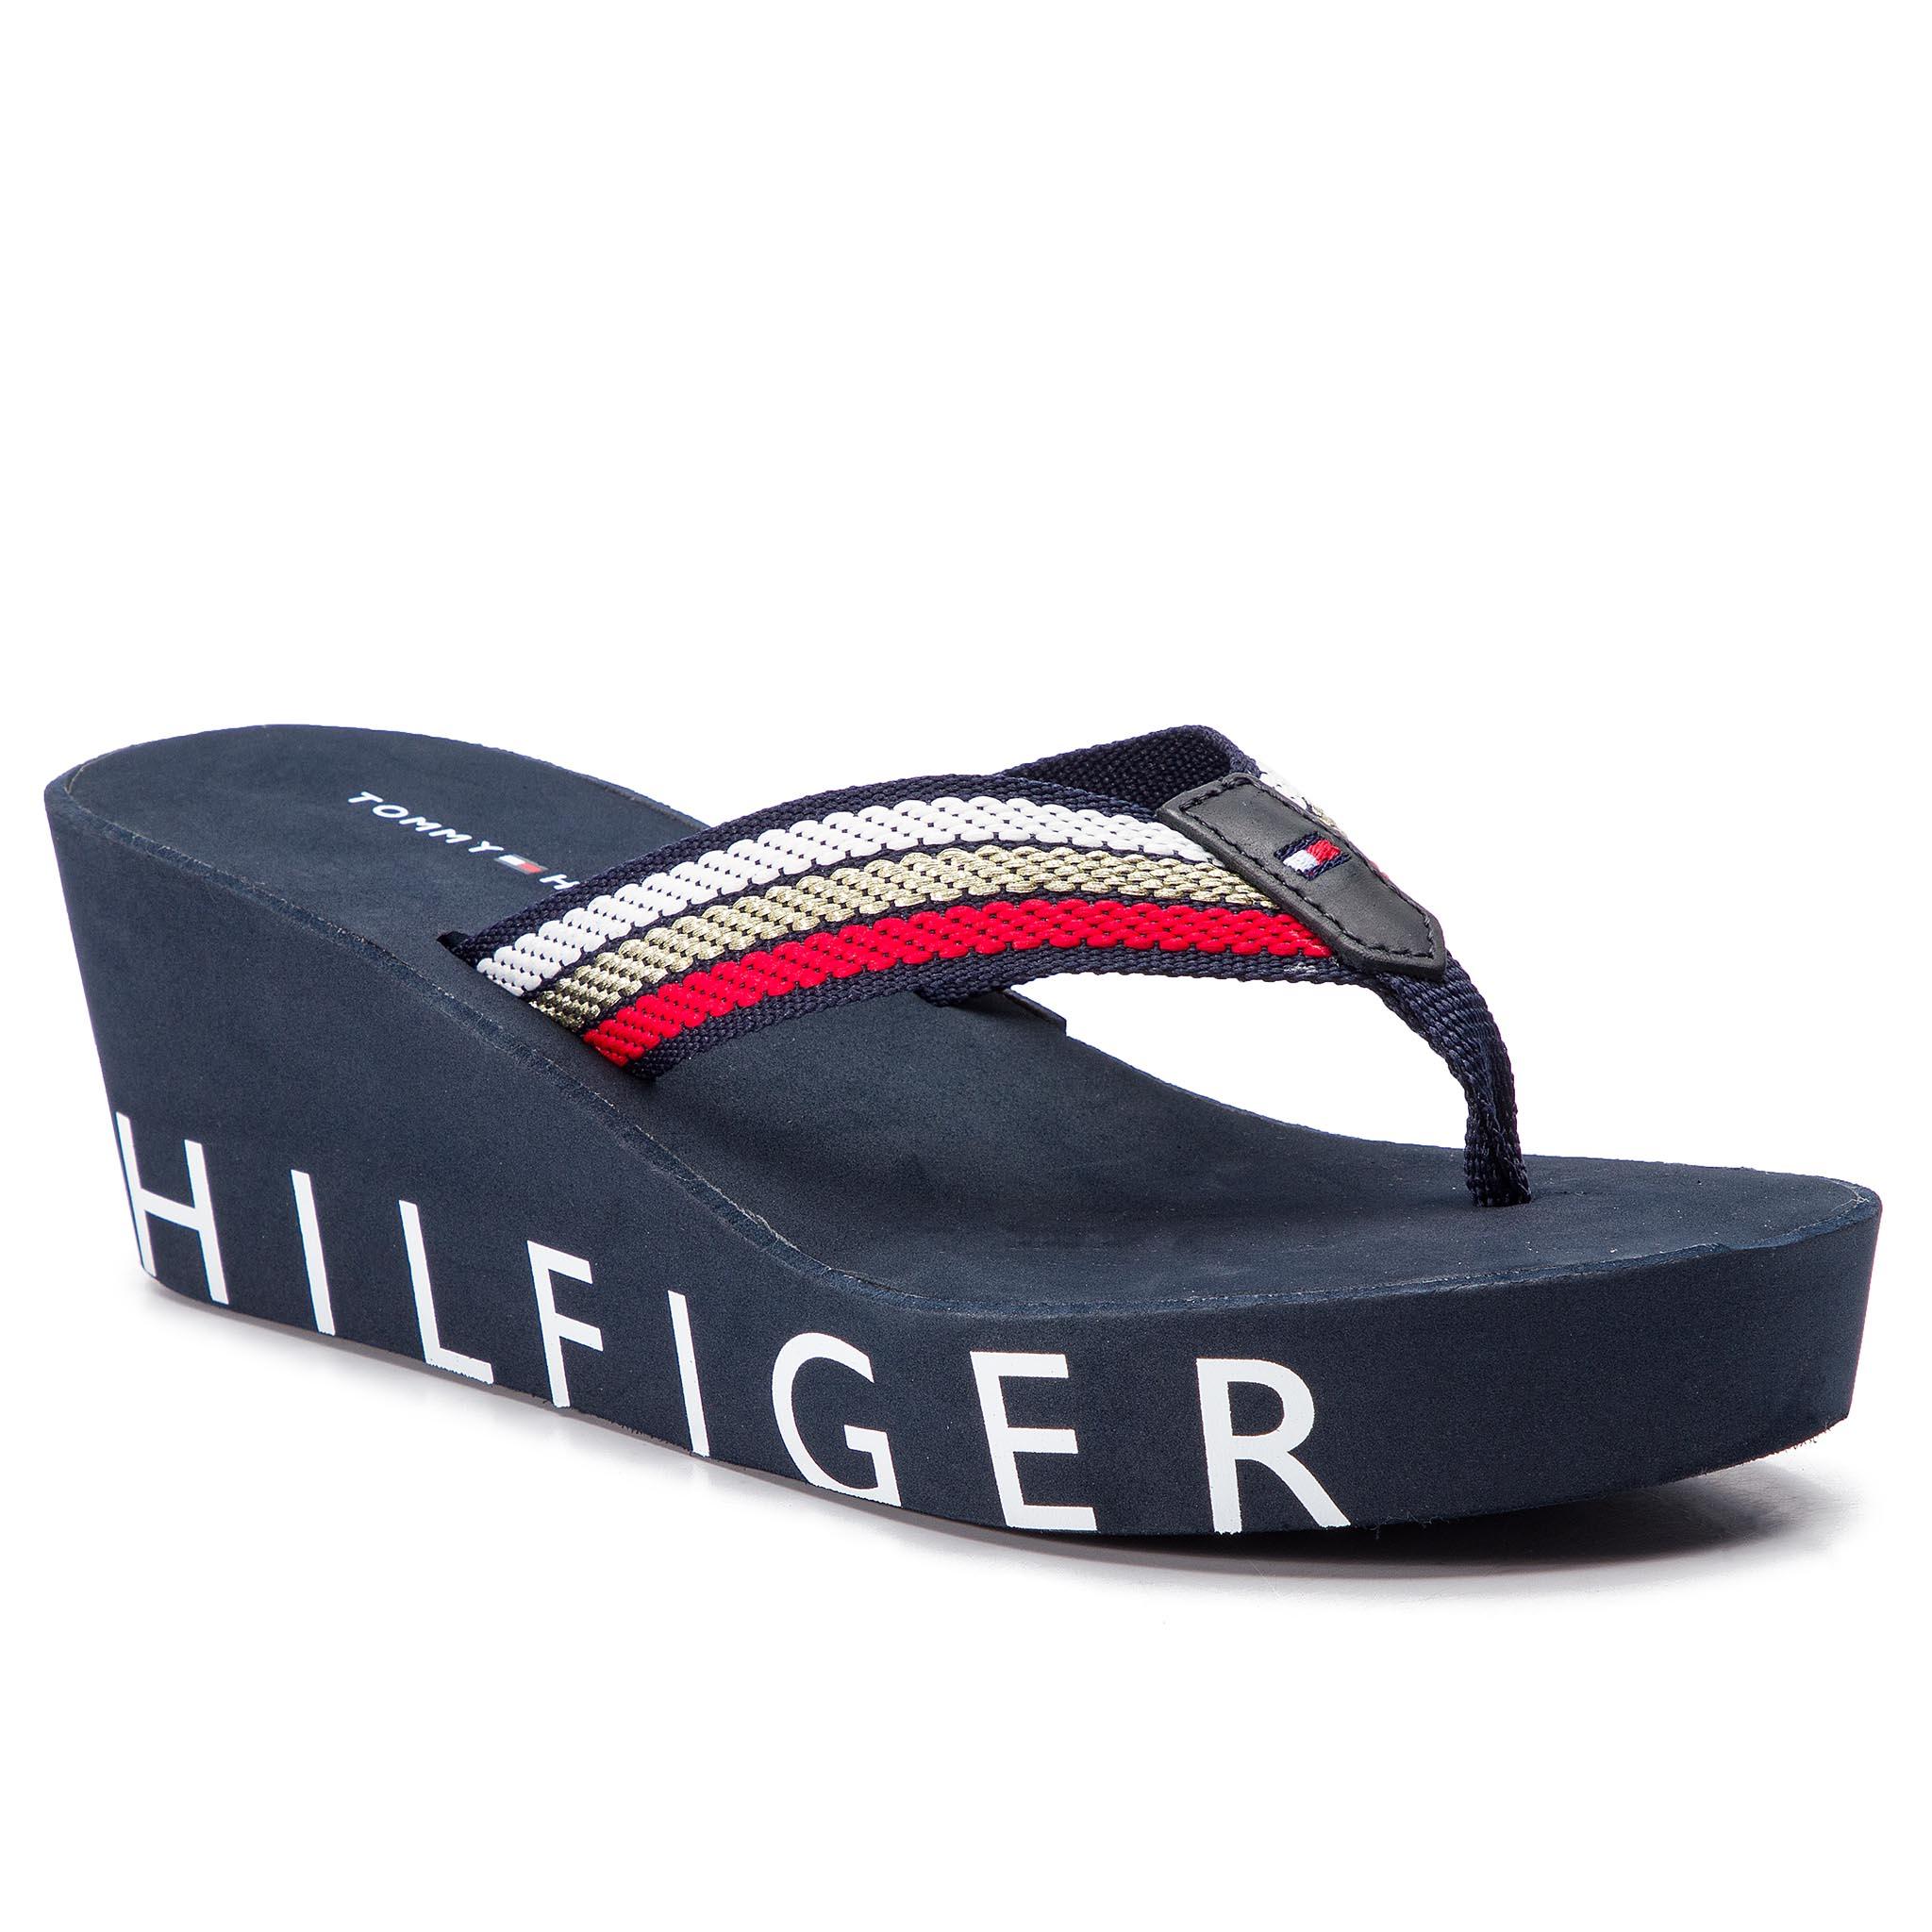 Slides TOMMY HILFIGER Flag Wedge Beach Sandal FW0FW03863 Rwb 020